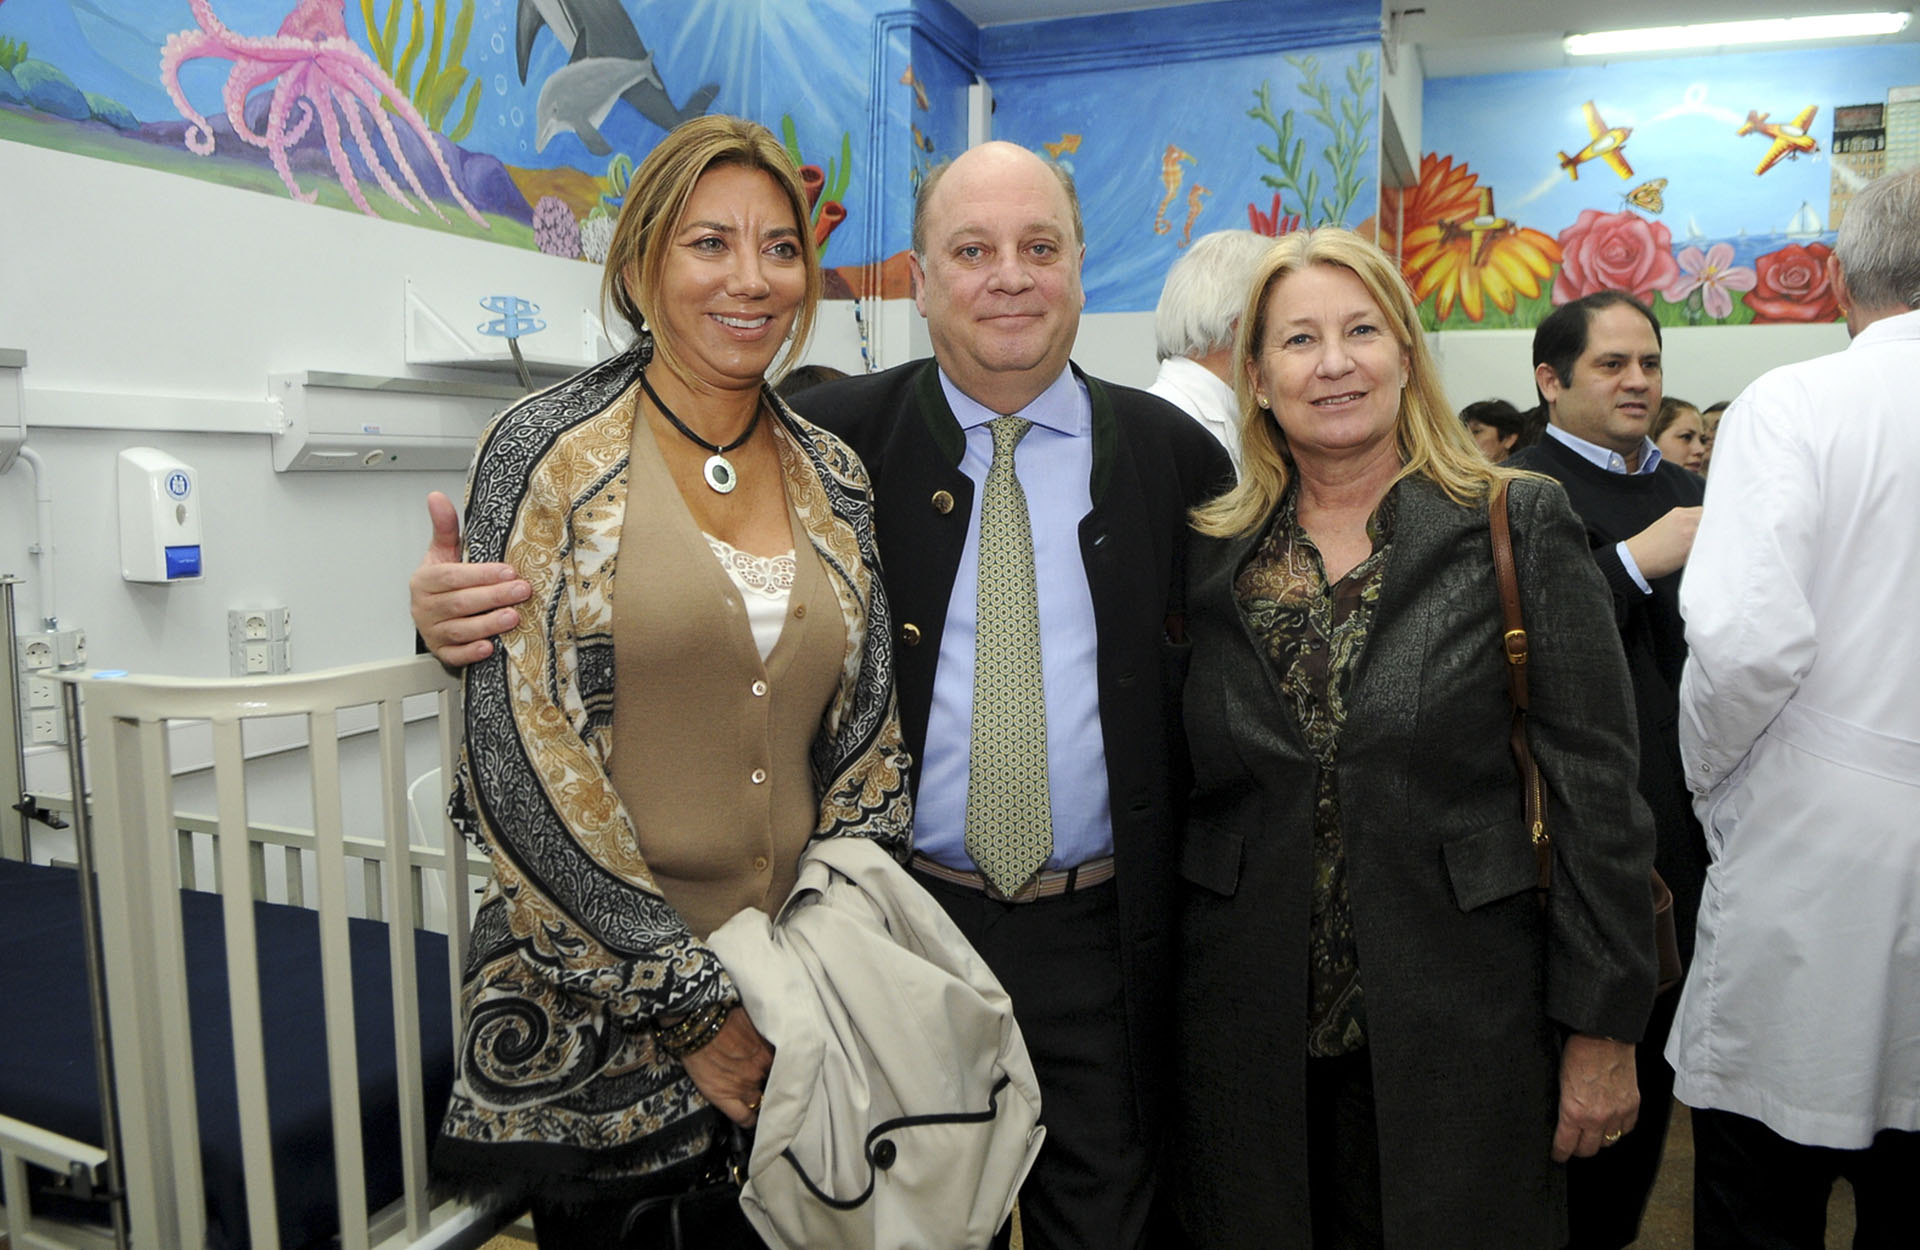 Bettina Bulgheroni, Martín Cabrales y María Taquini de Blaquier